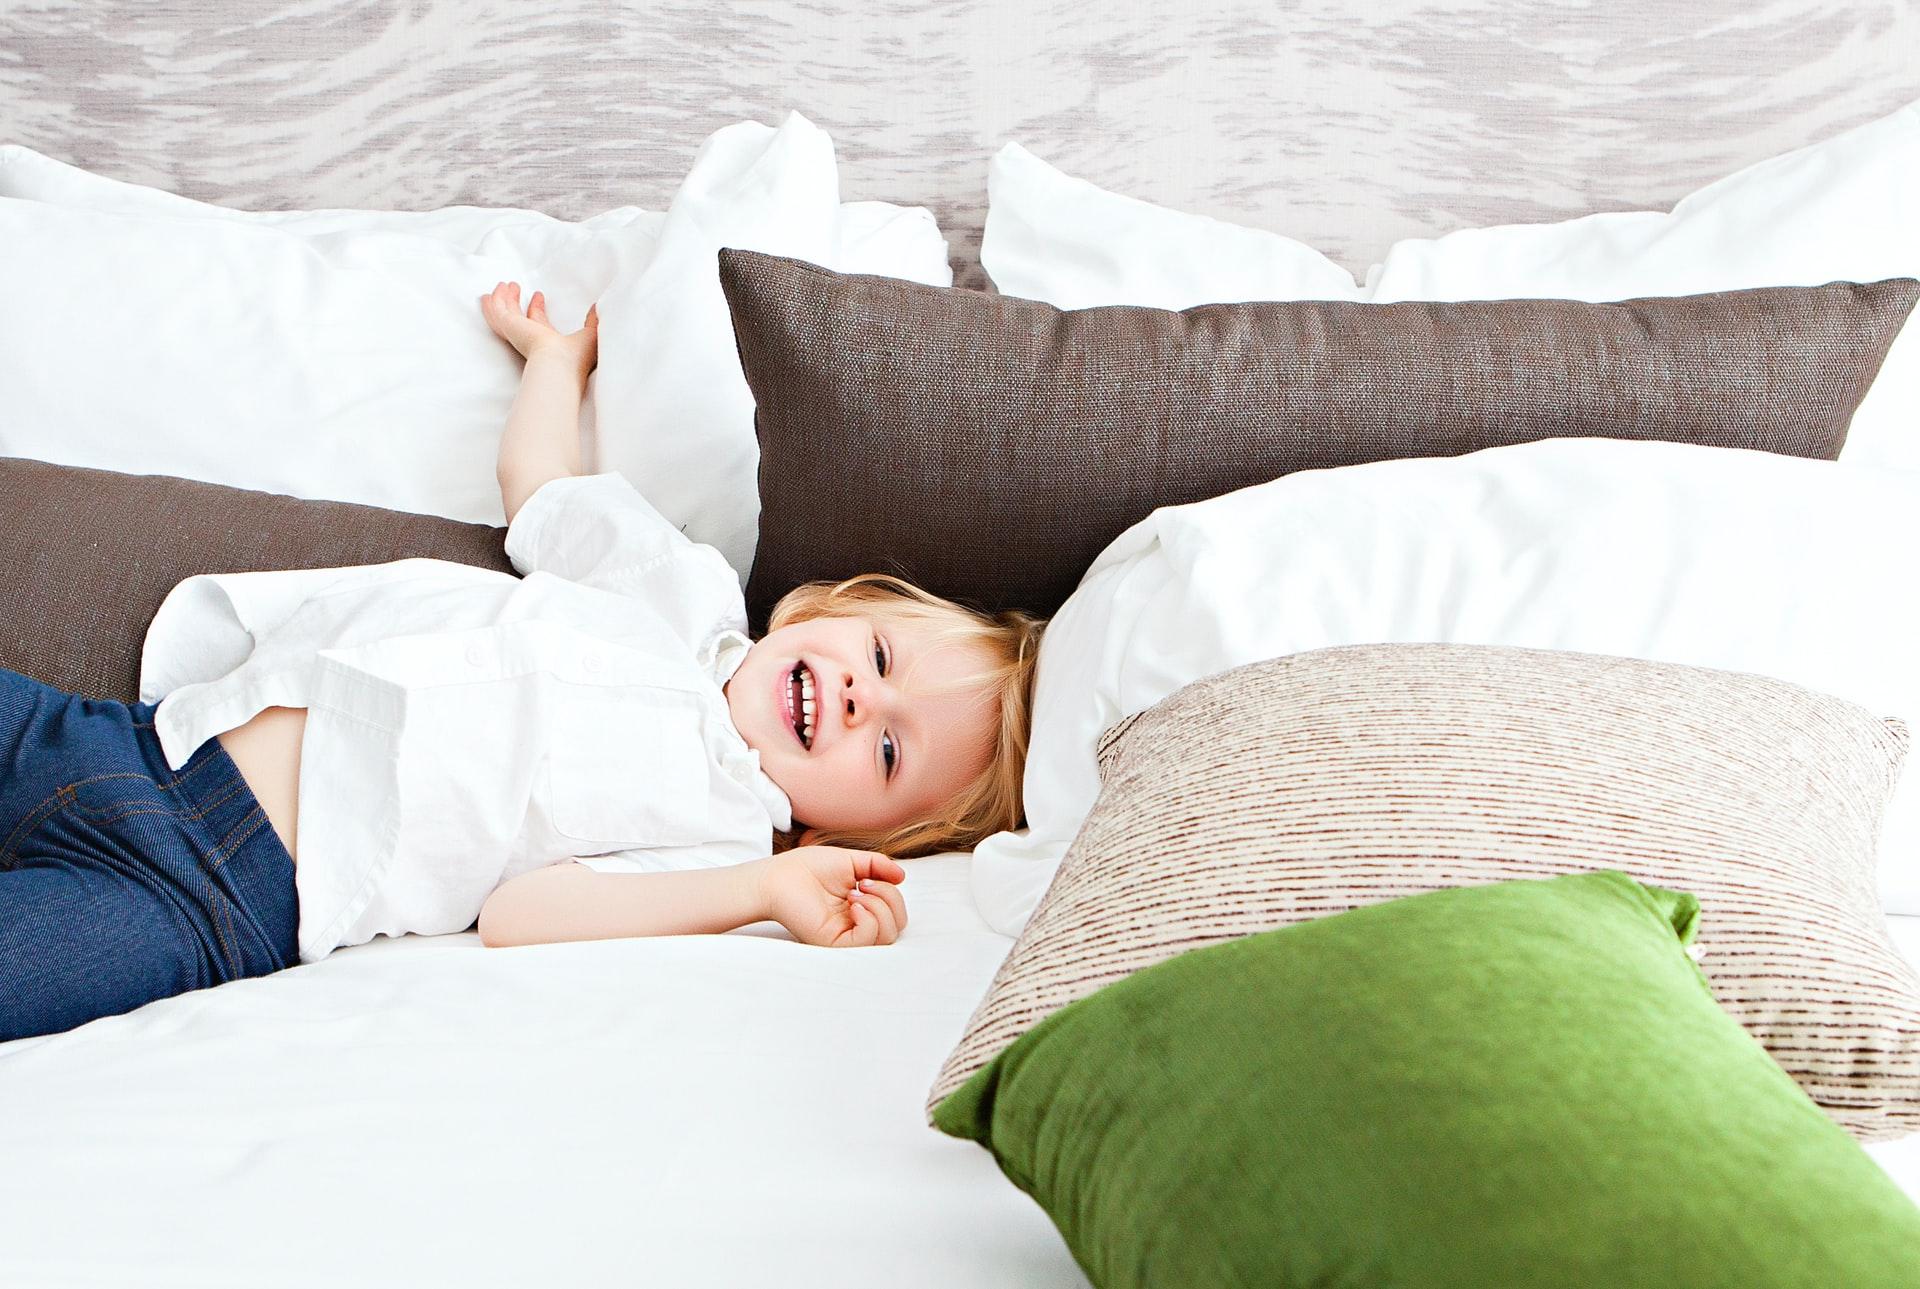 niño entre almohadas